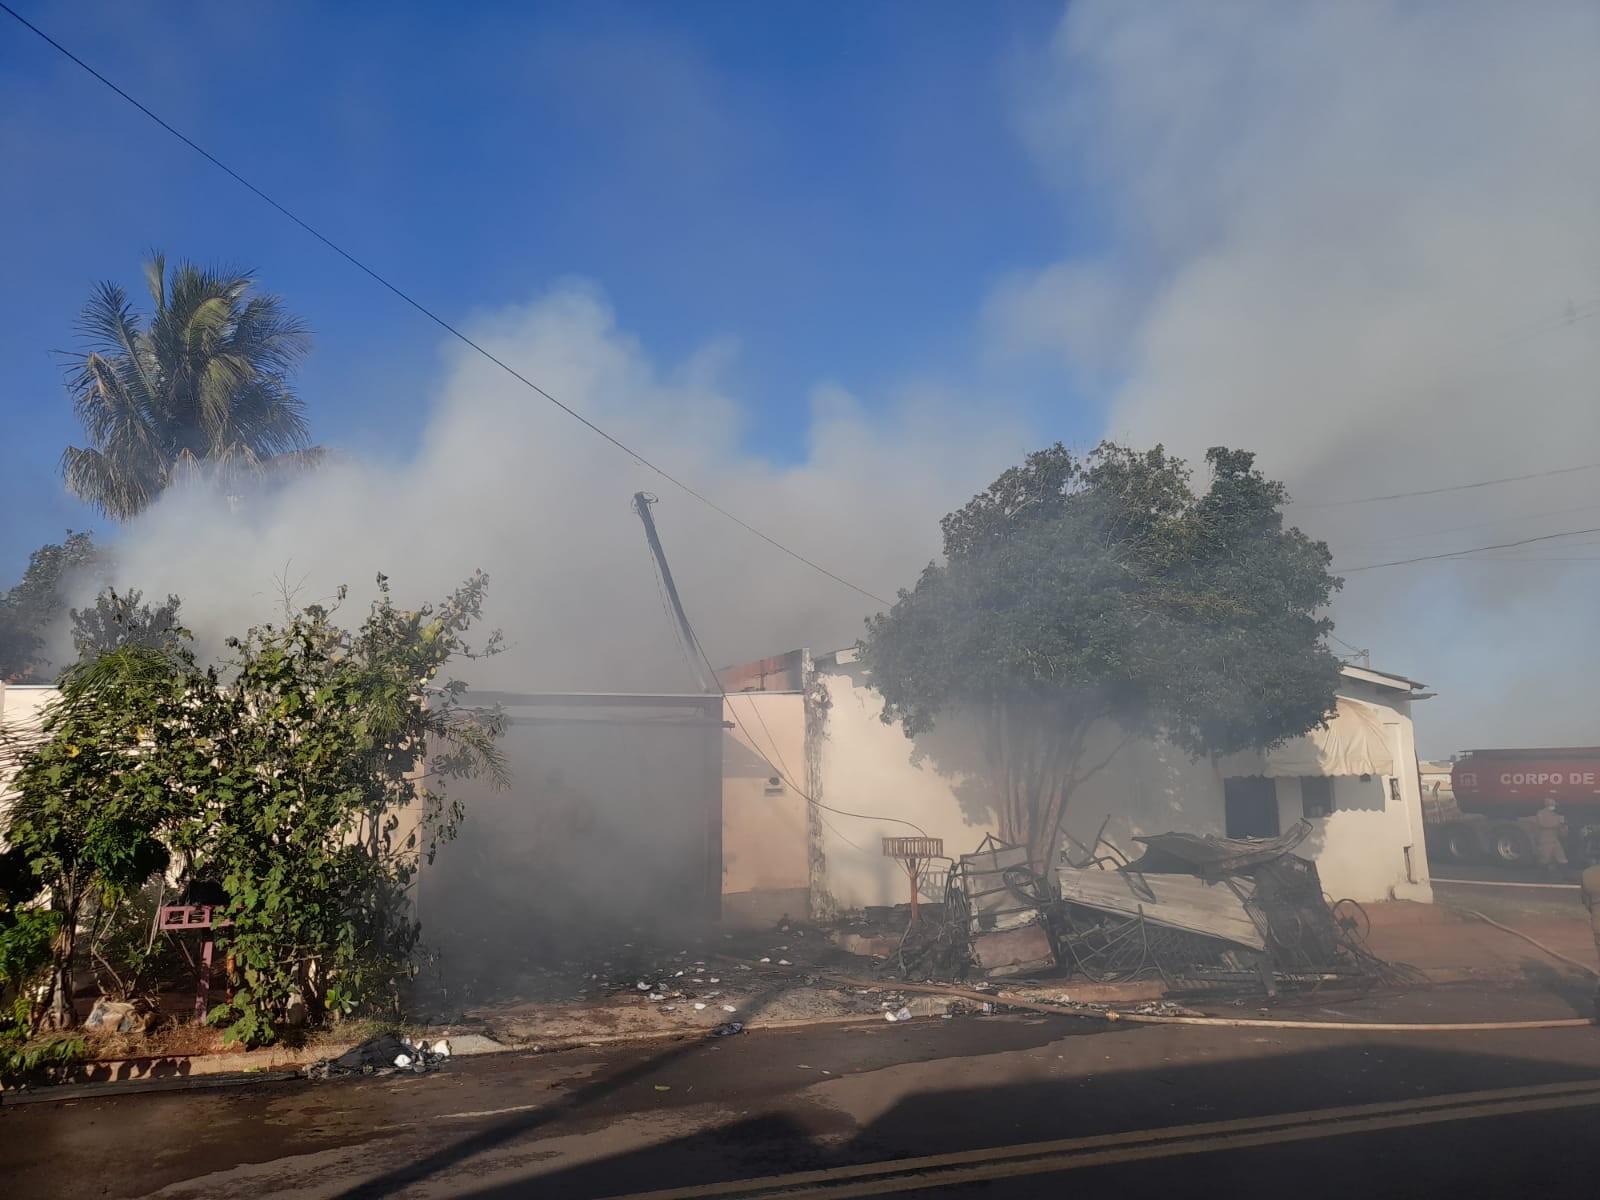 Moradora socorrida em casa destruída por incêndio acredita que marido tenha sido responsável pelo fogo